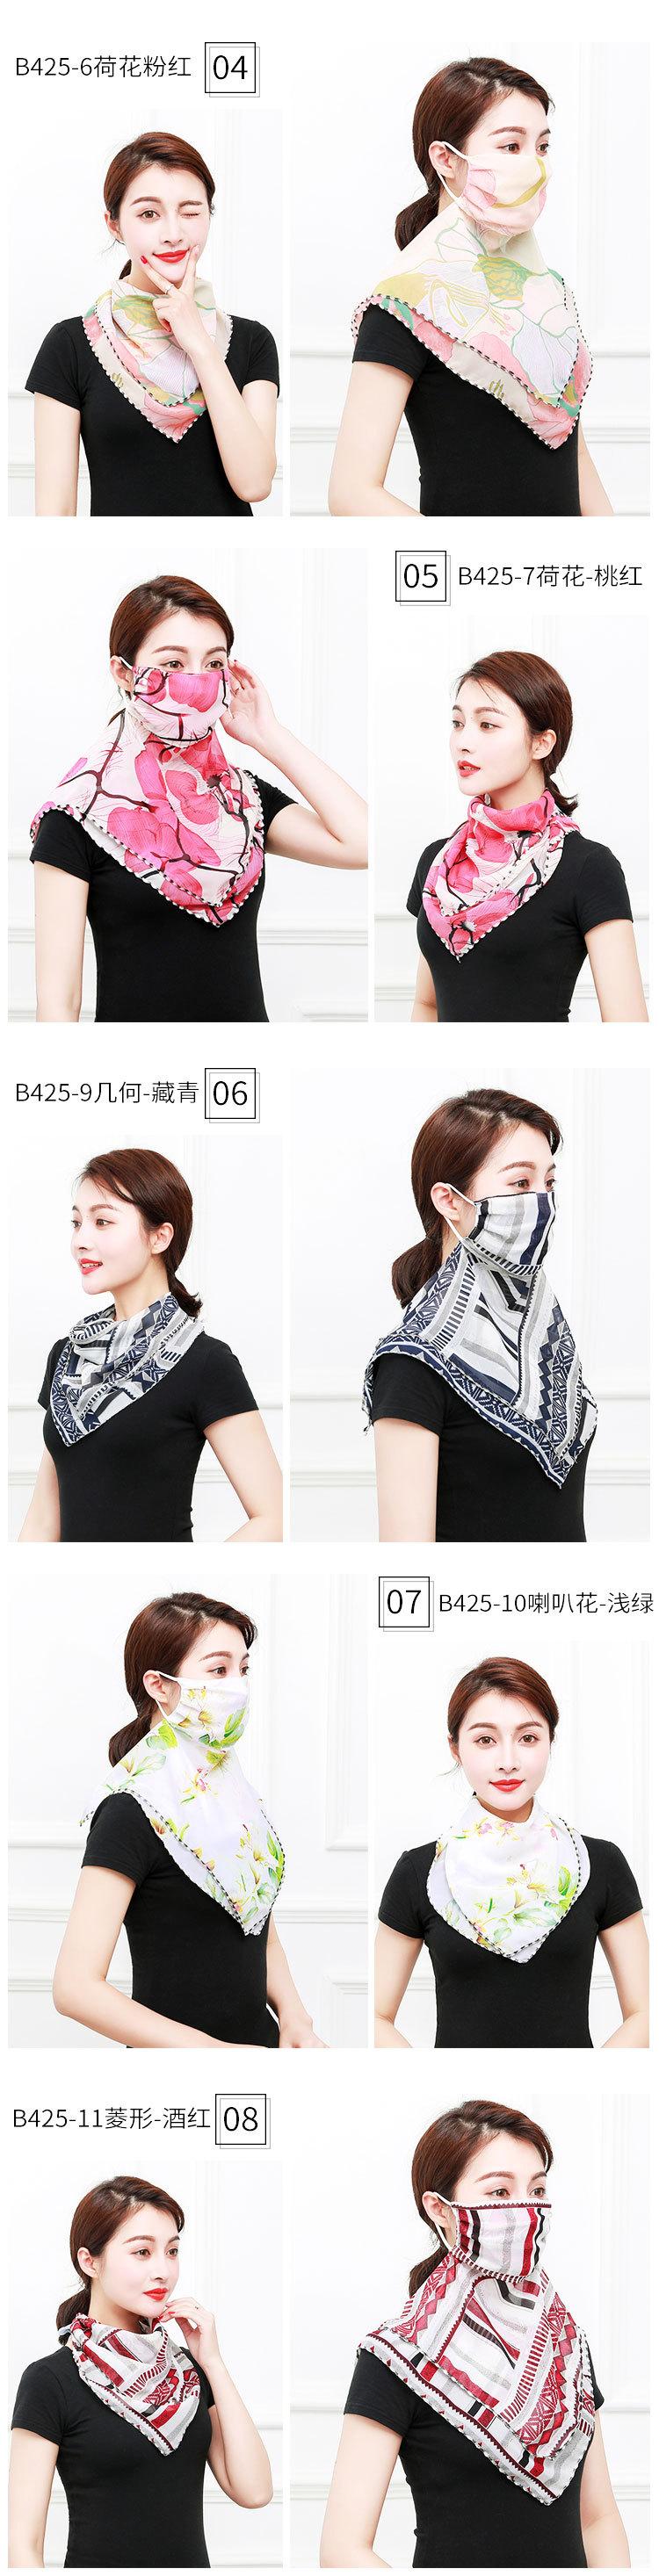 口罩丝巾_03